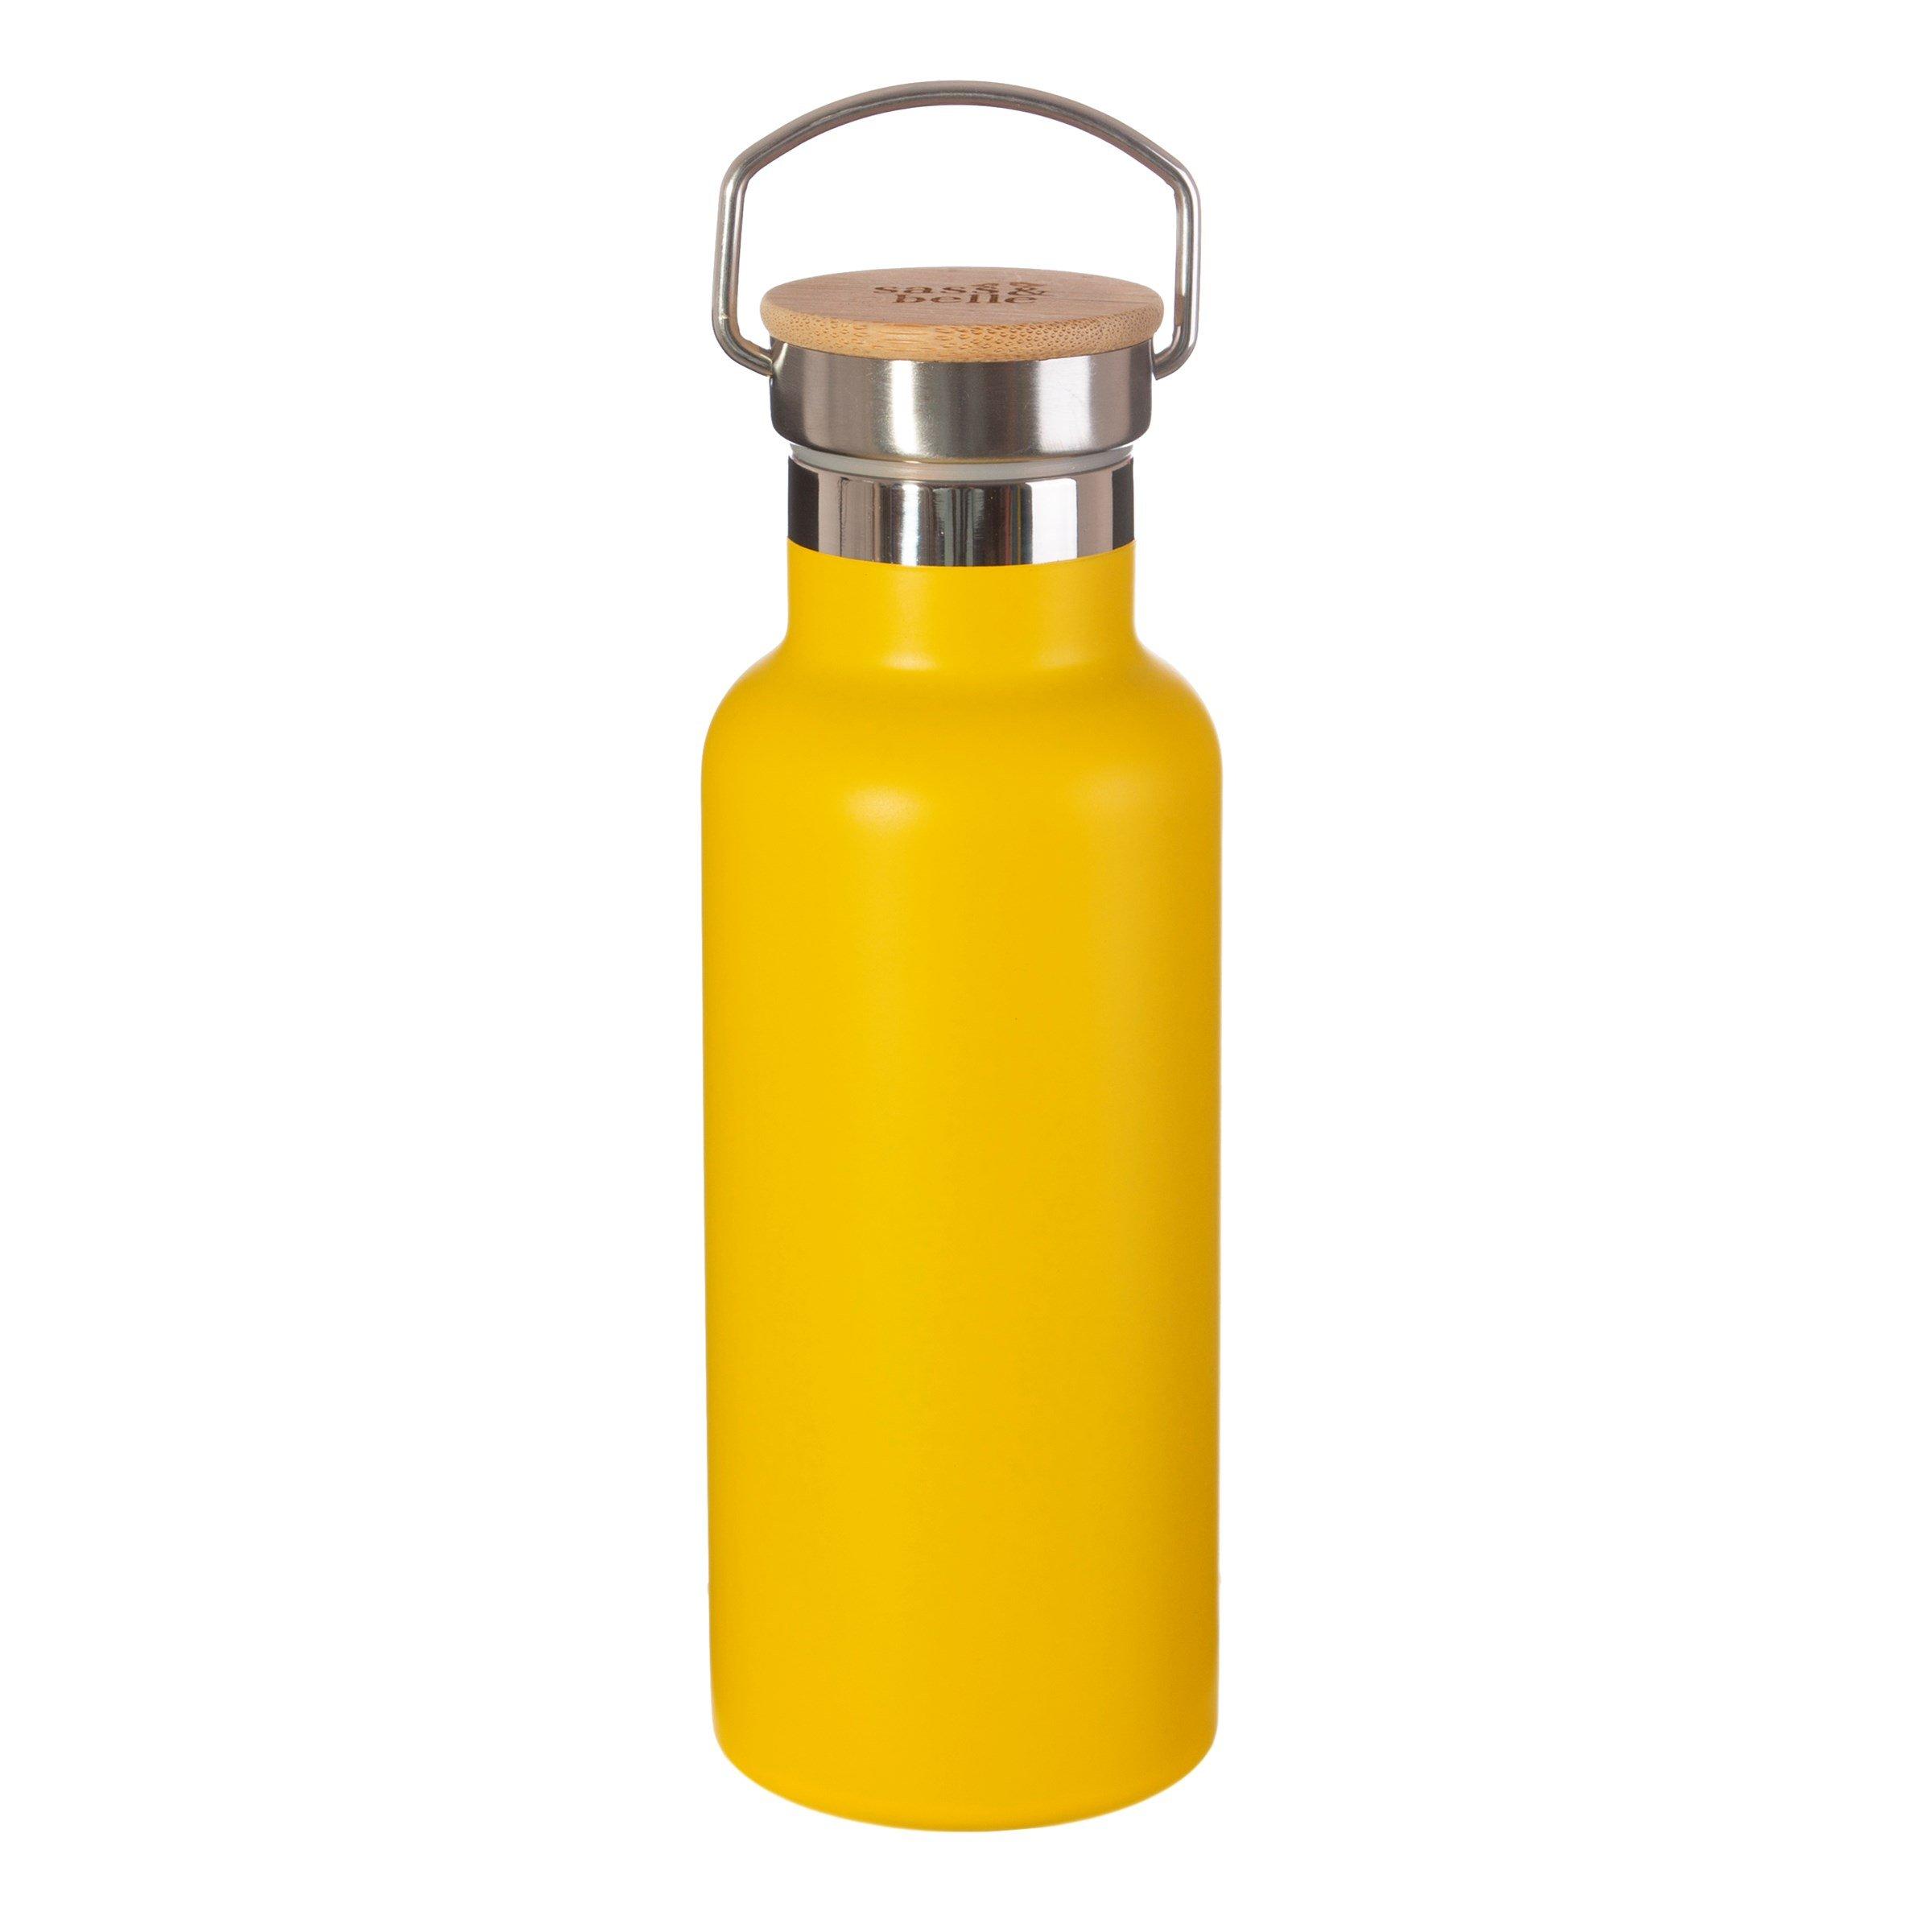 Mustard yellow Steel water bottle